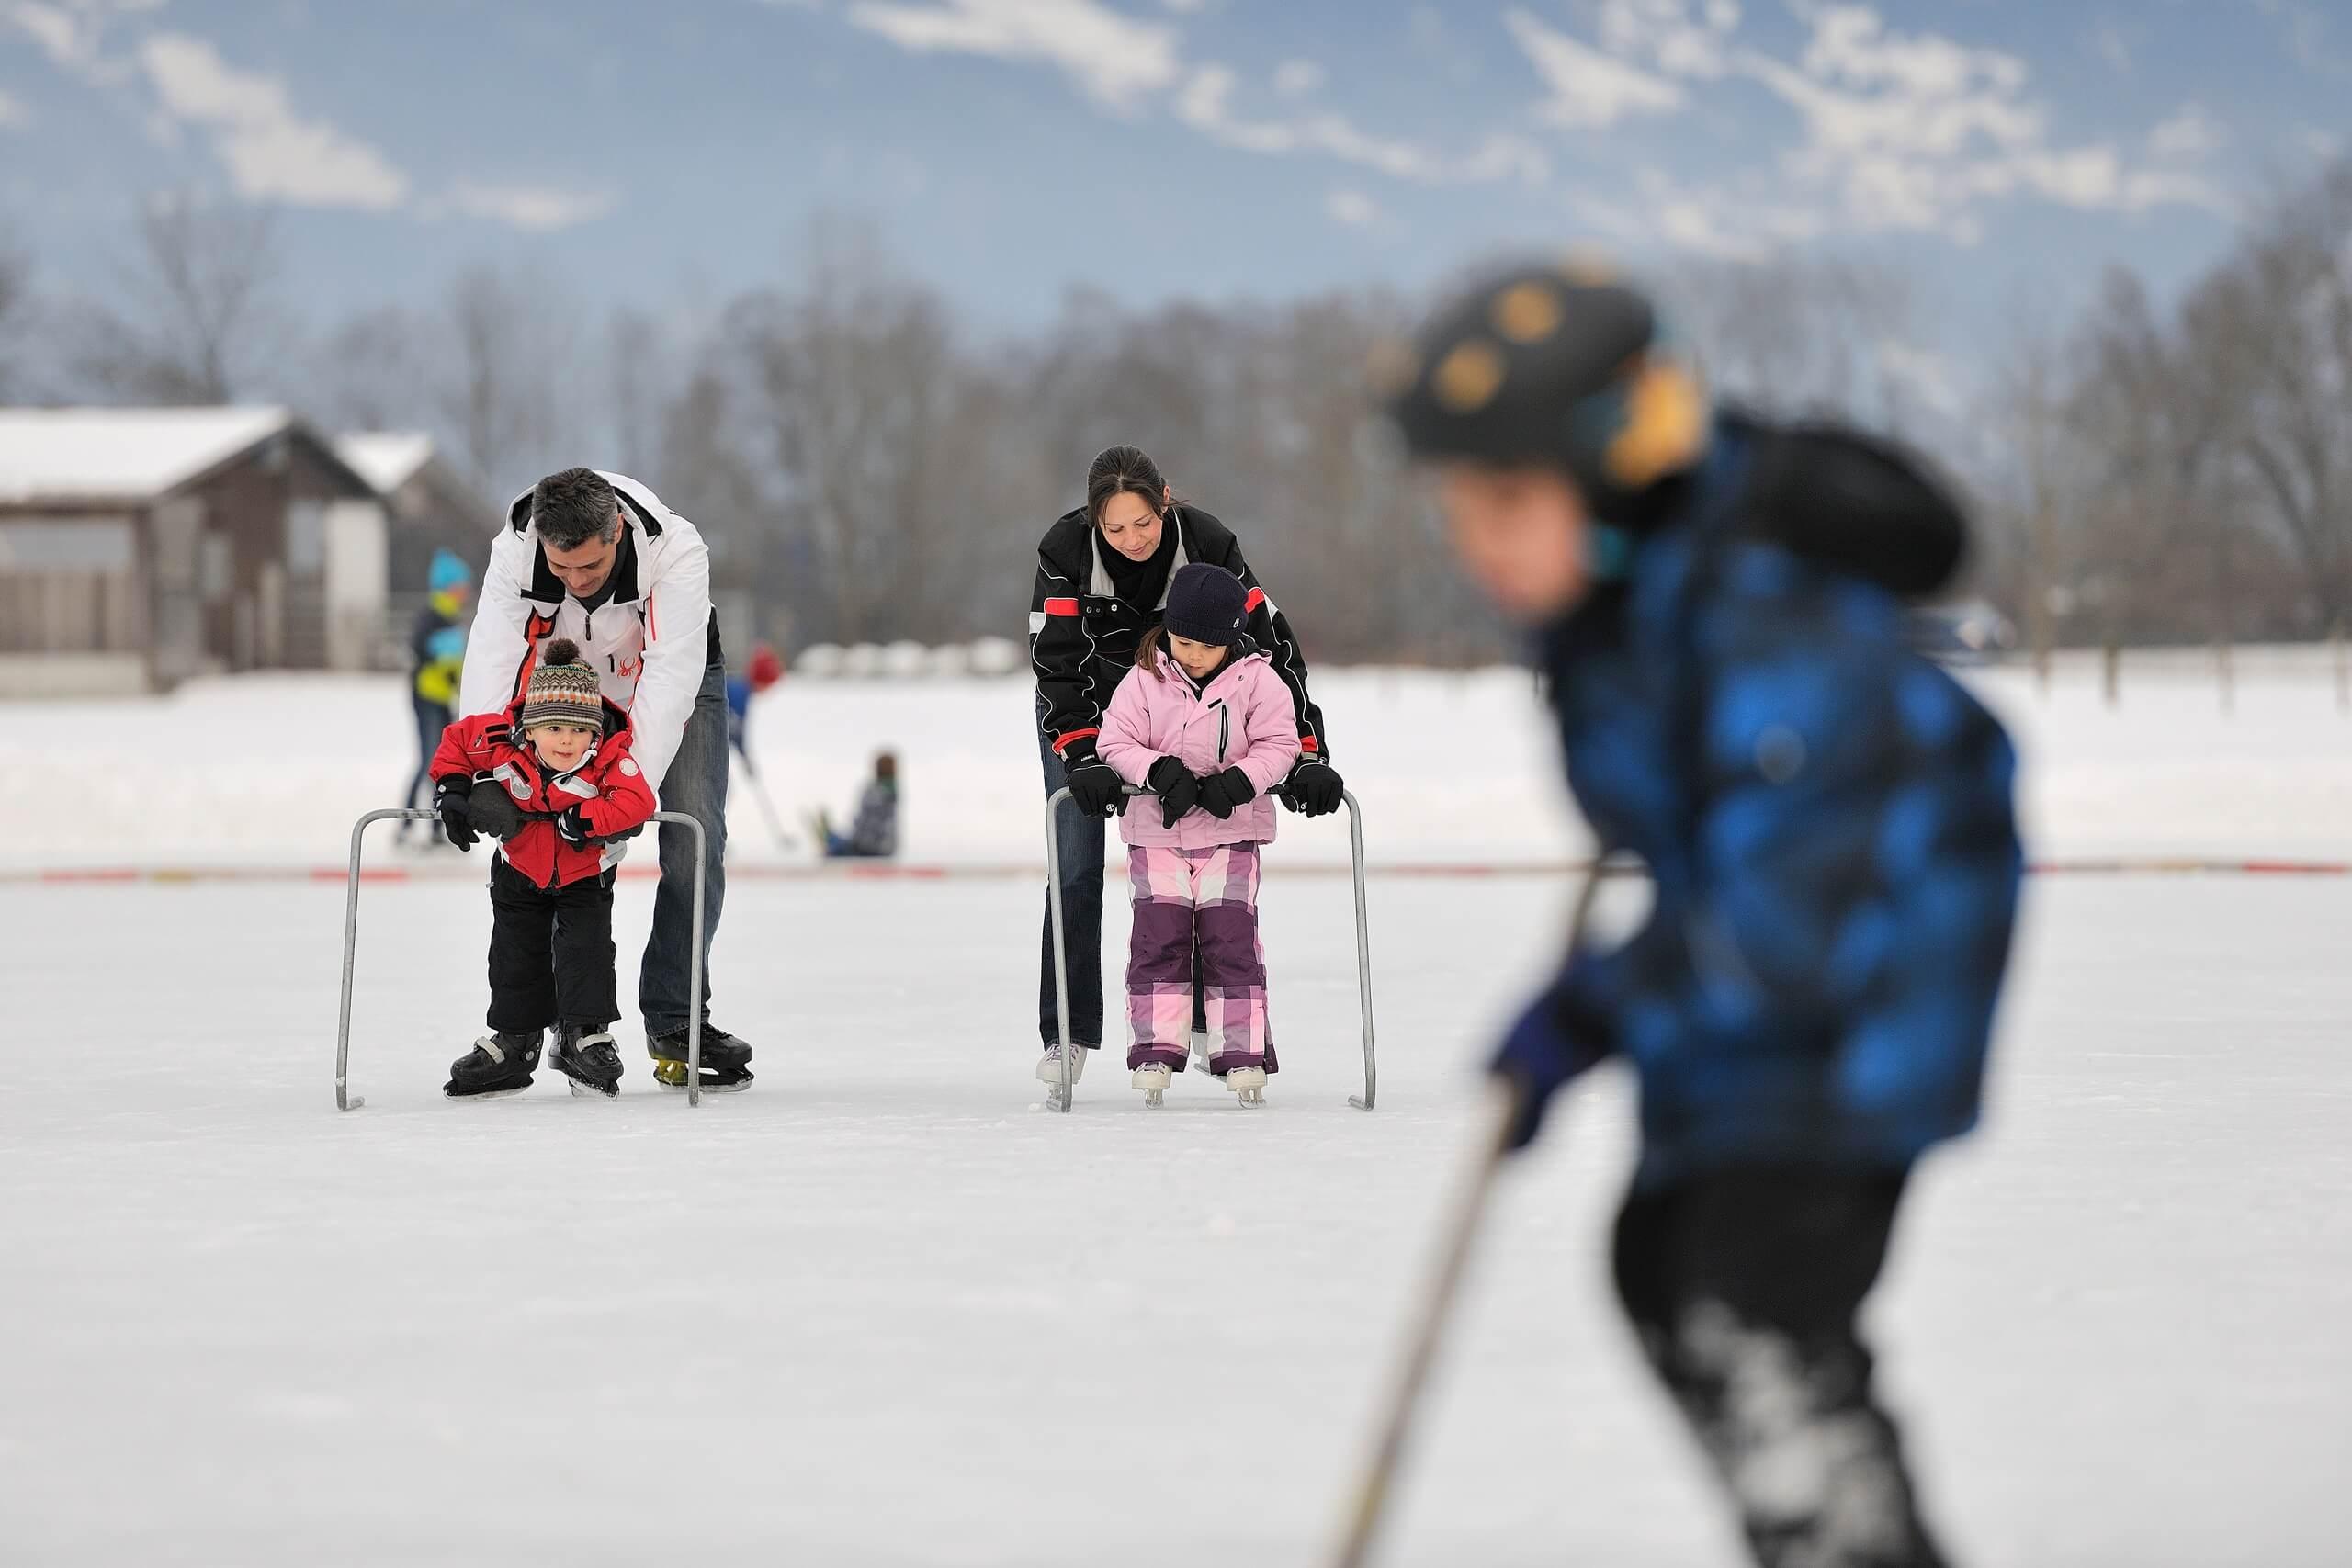 brienz-natureisbahn-winter-winteraktivitaet-sport